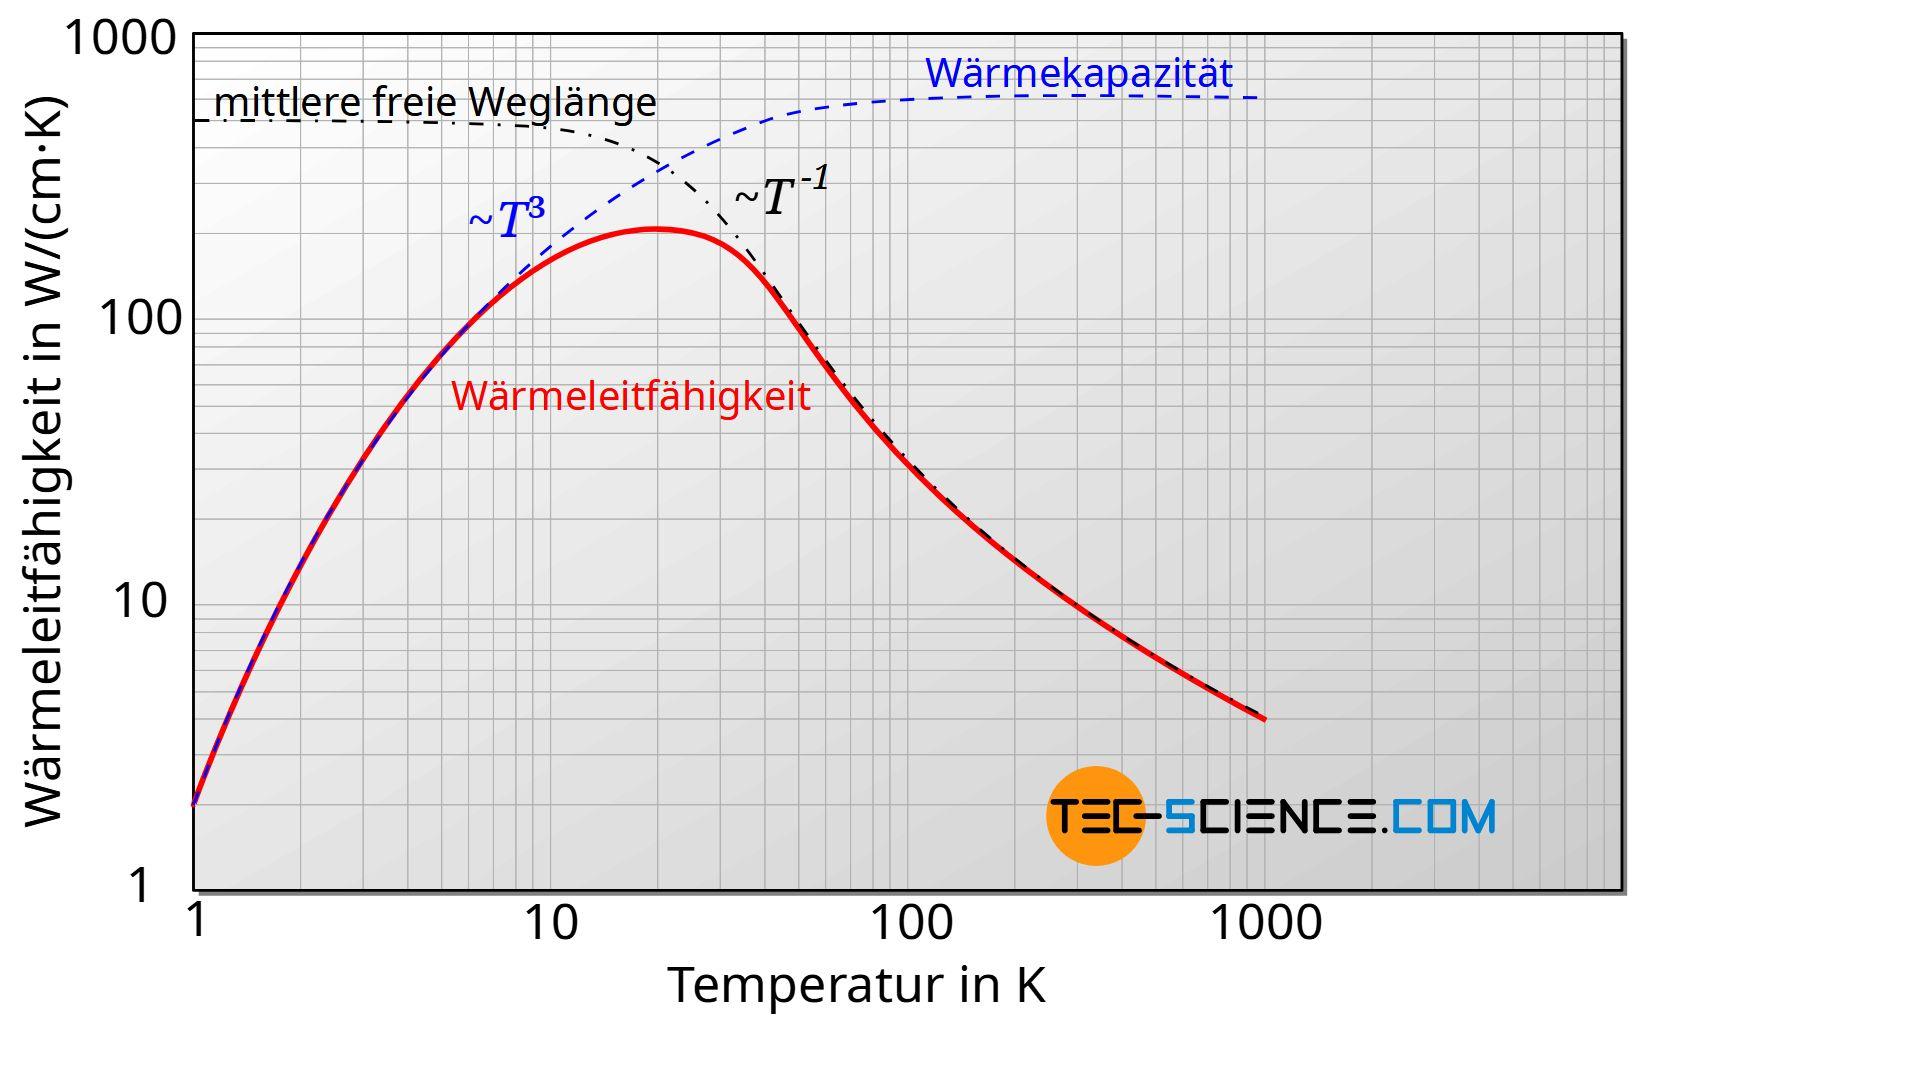 Schematischer Verlauf von mittlerer freier Weglänge, Wärmekapazität und Wärmeleitfähigkeit in Abhängigkeit der Temperatur